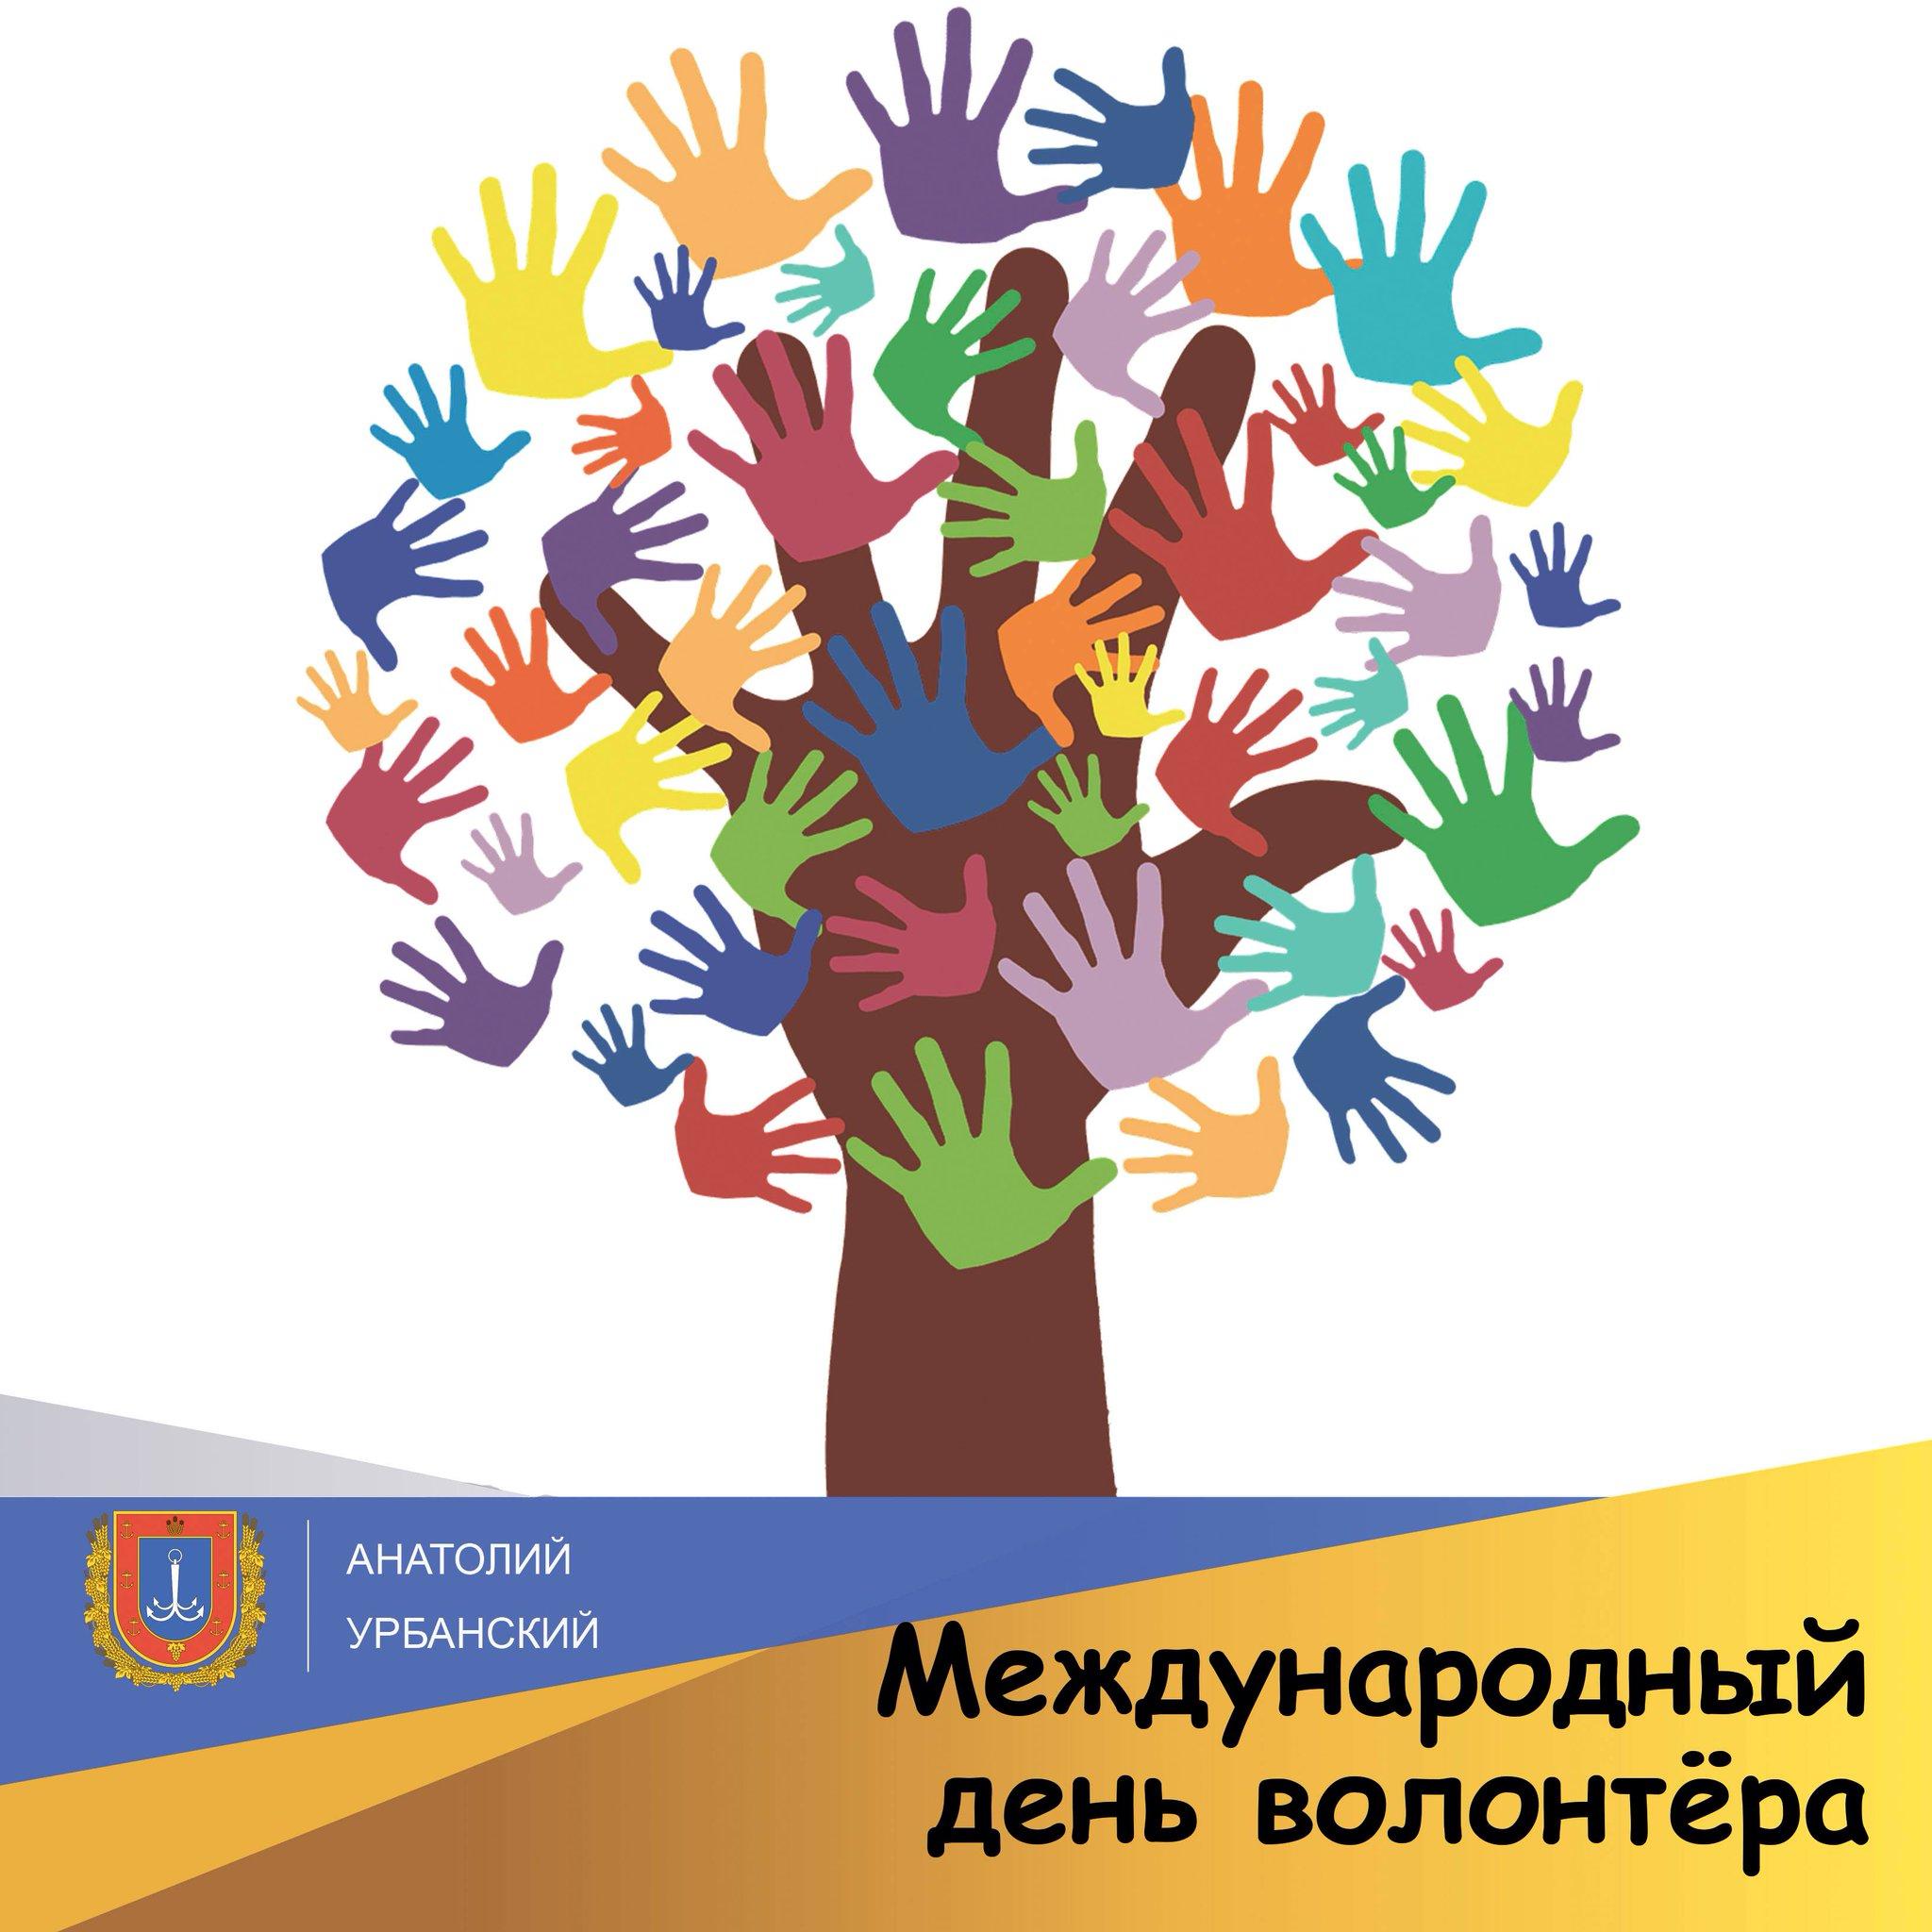 картинка день волонтера в россии плывущий реке